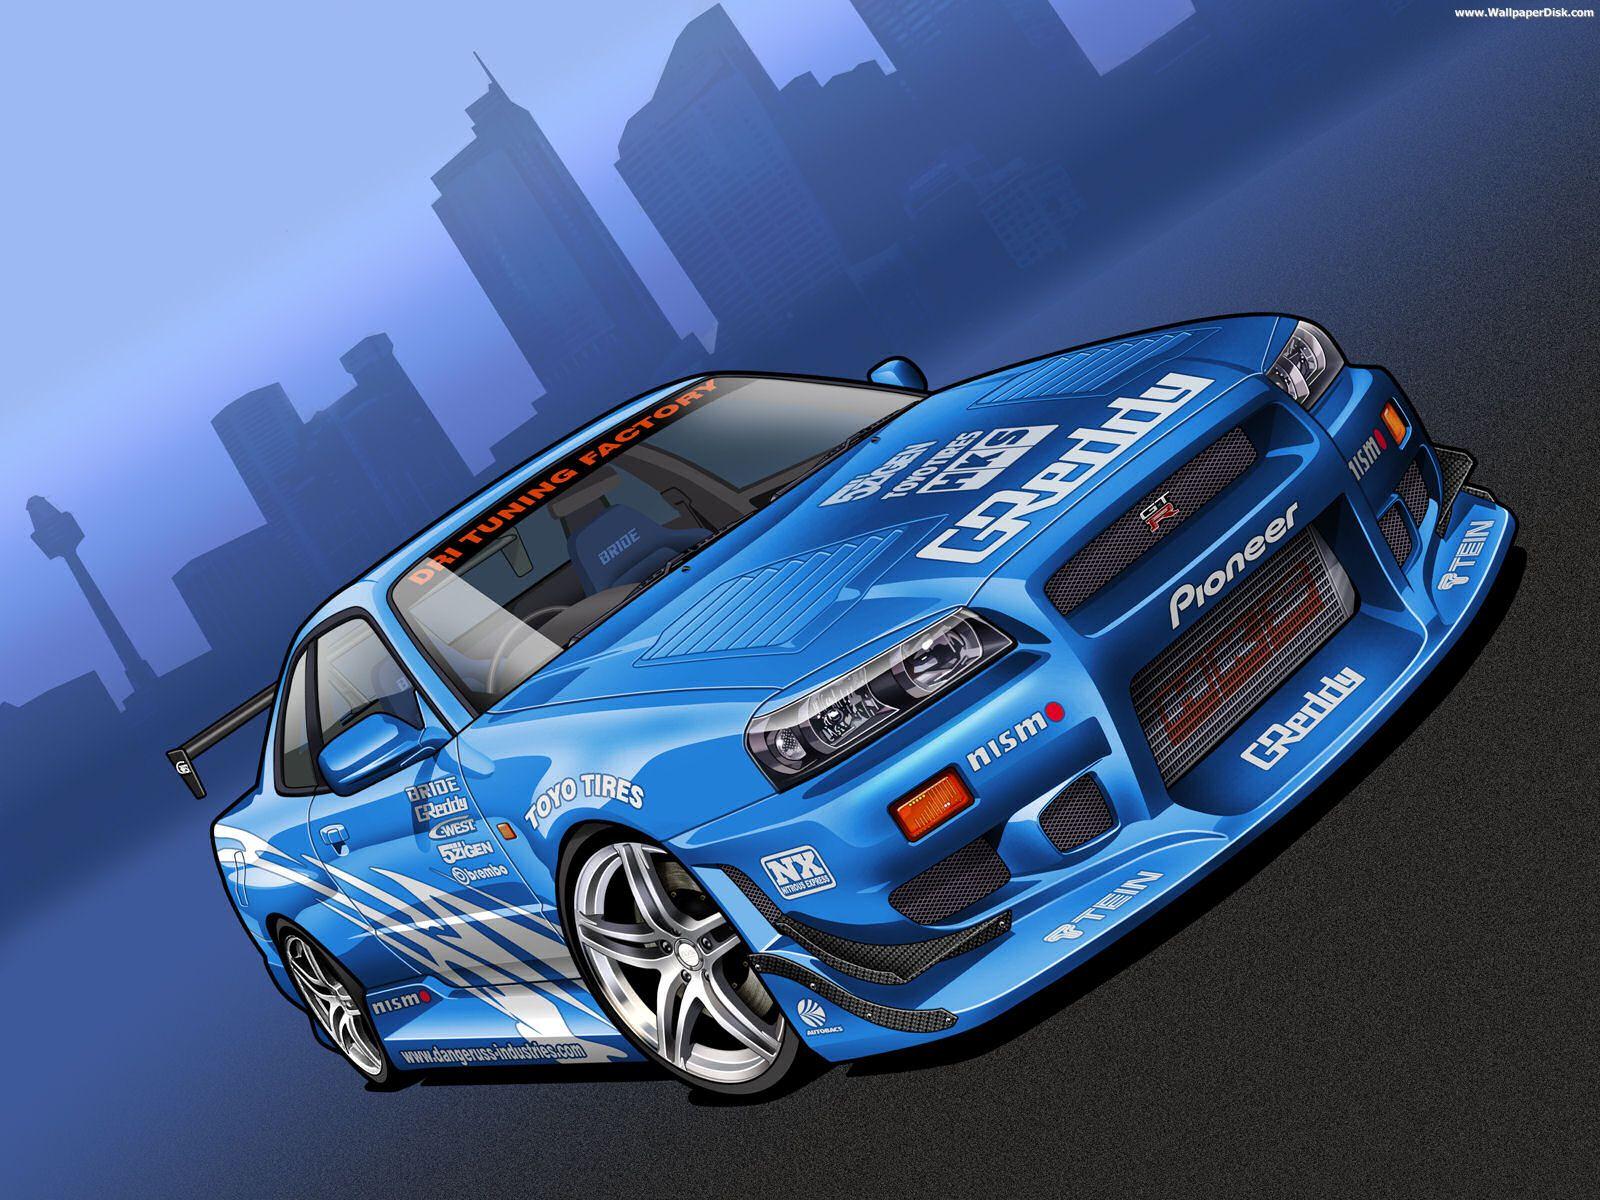 50 ] 3D Wallpapers Of Cars On WallpaperSafari